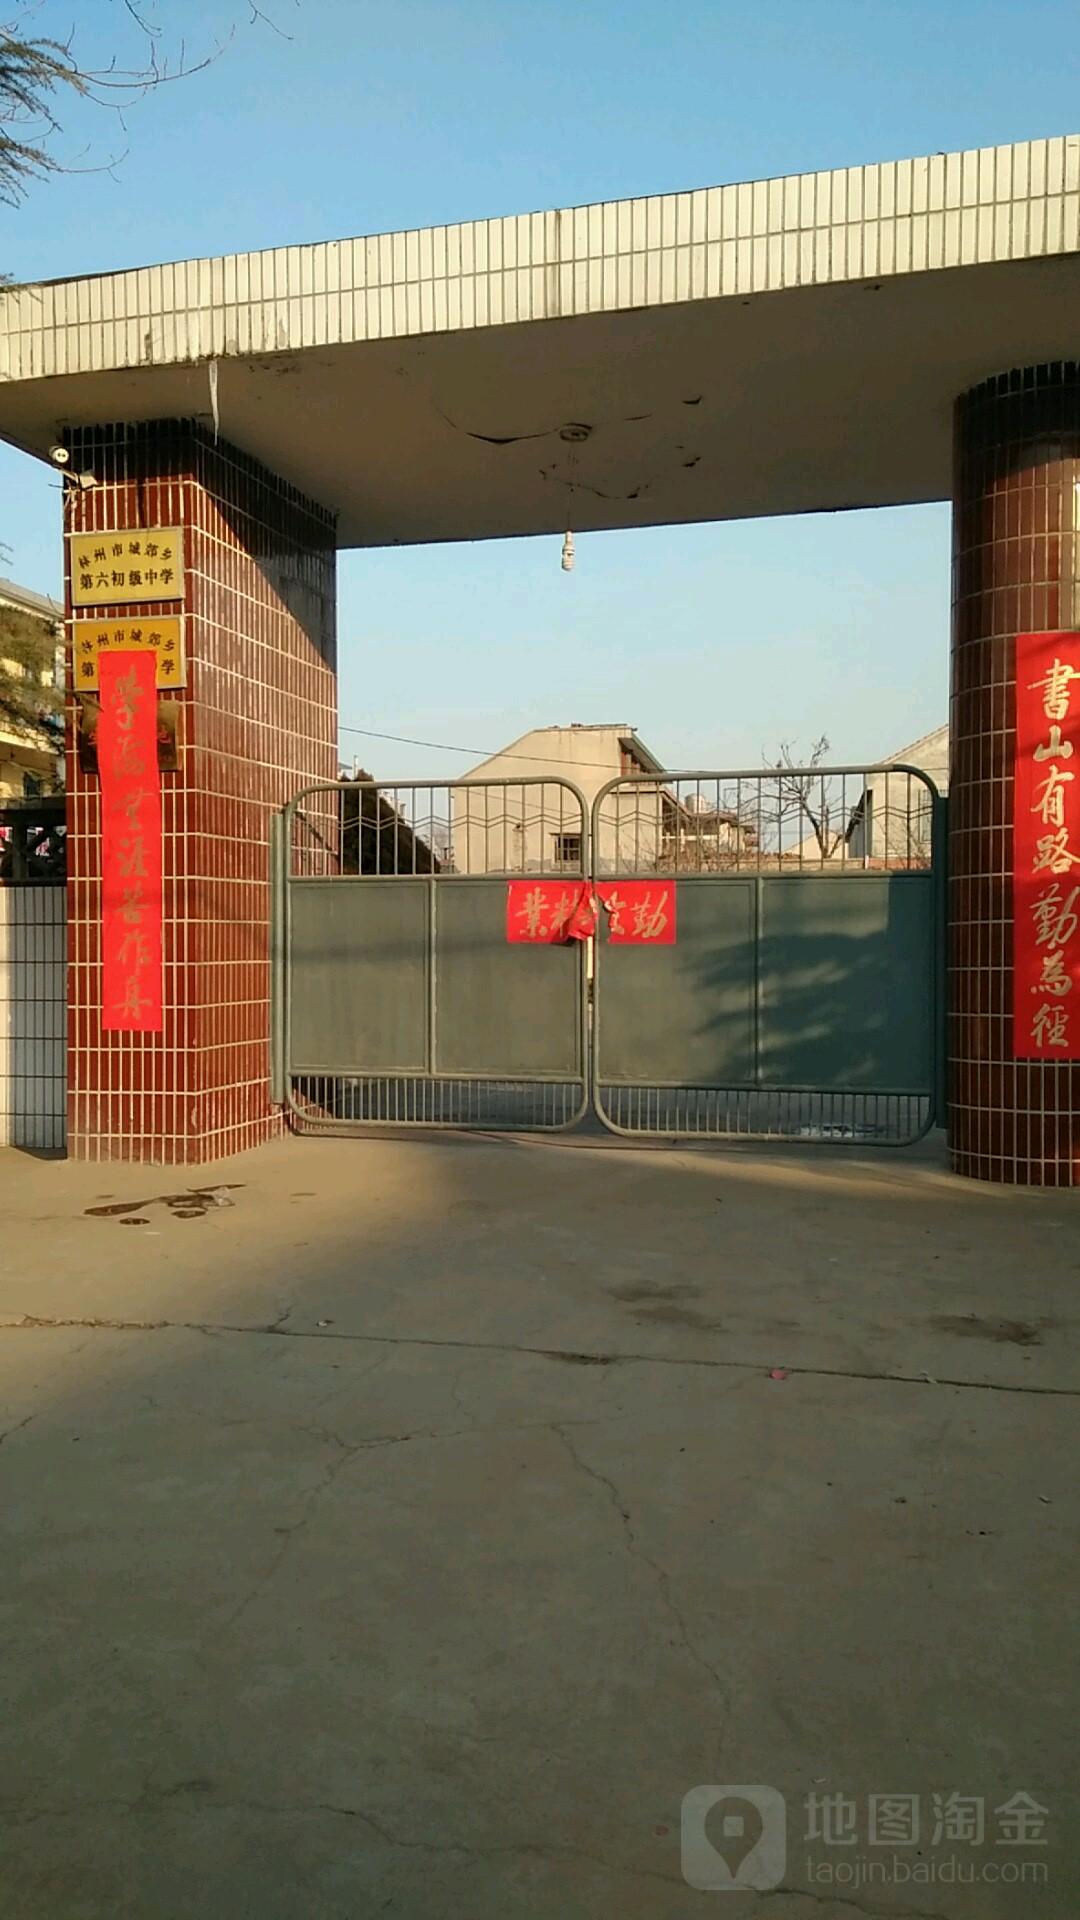 林州市城郊乡六中图片